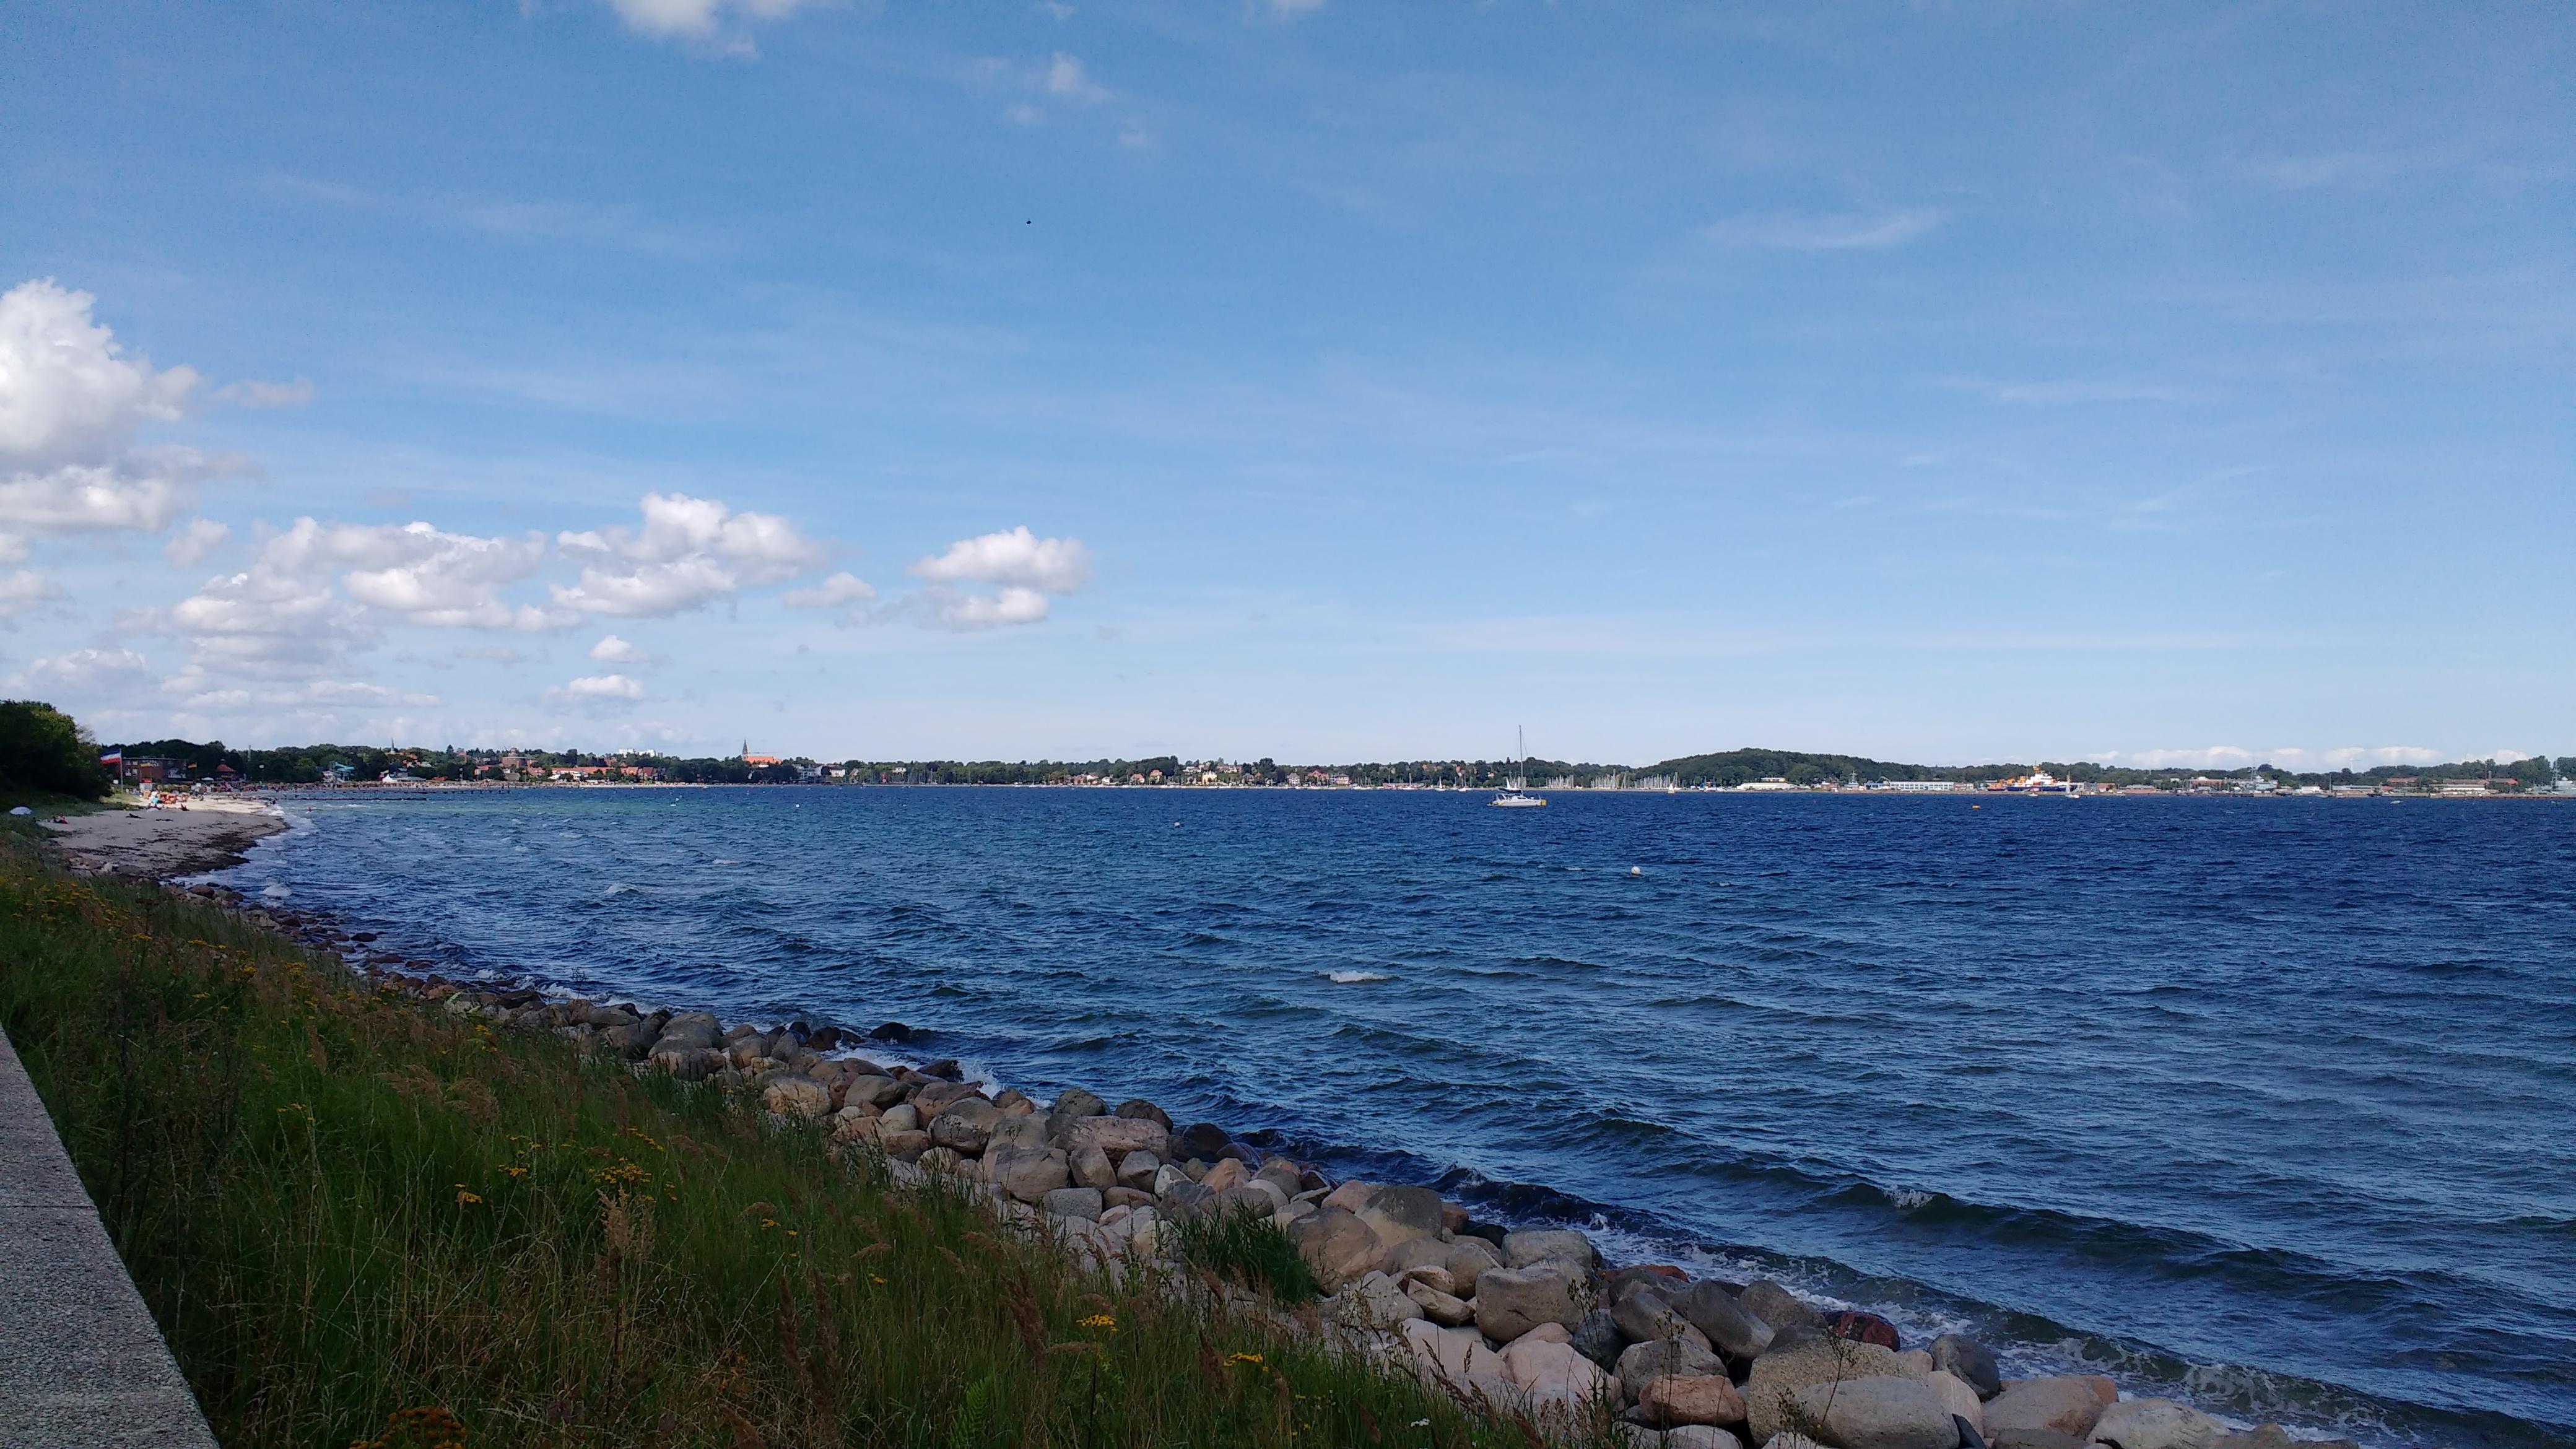 Meer, Strand, im Hintergrund eine Stadt